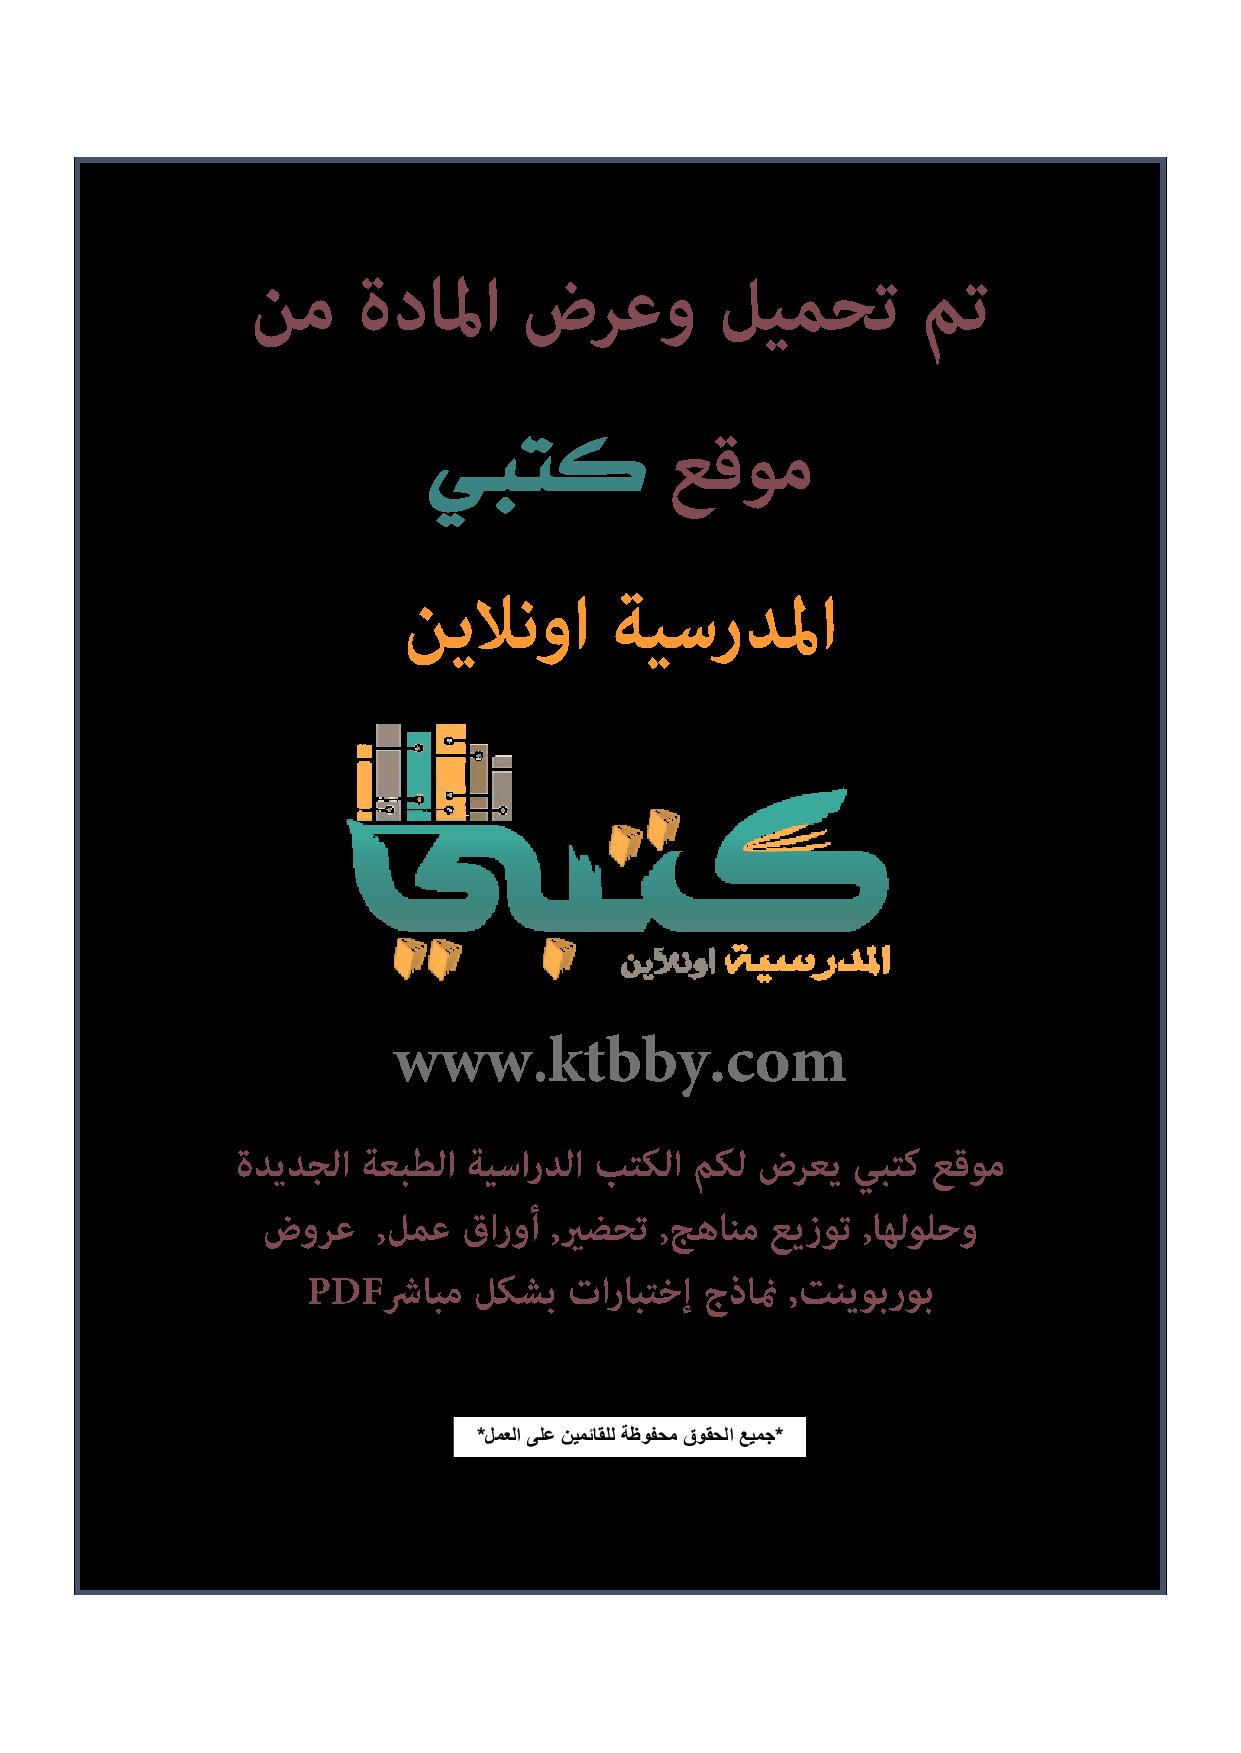 اسئلة اختبار بإجاباتها مادة الدرسات الاجتماعية اجتماعيات للصف الثاني الثاني متوسط الفصل الدراسي الثاني التربية الاجتماعية والوطنية ثاني متوسط المرحلة المتوسطة المناهج السعودية